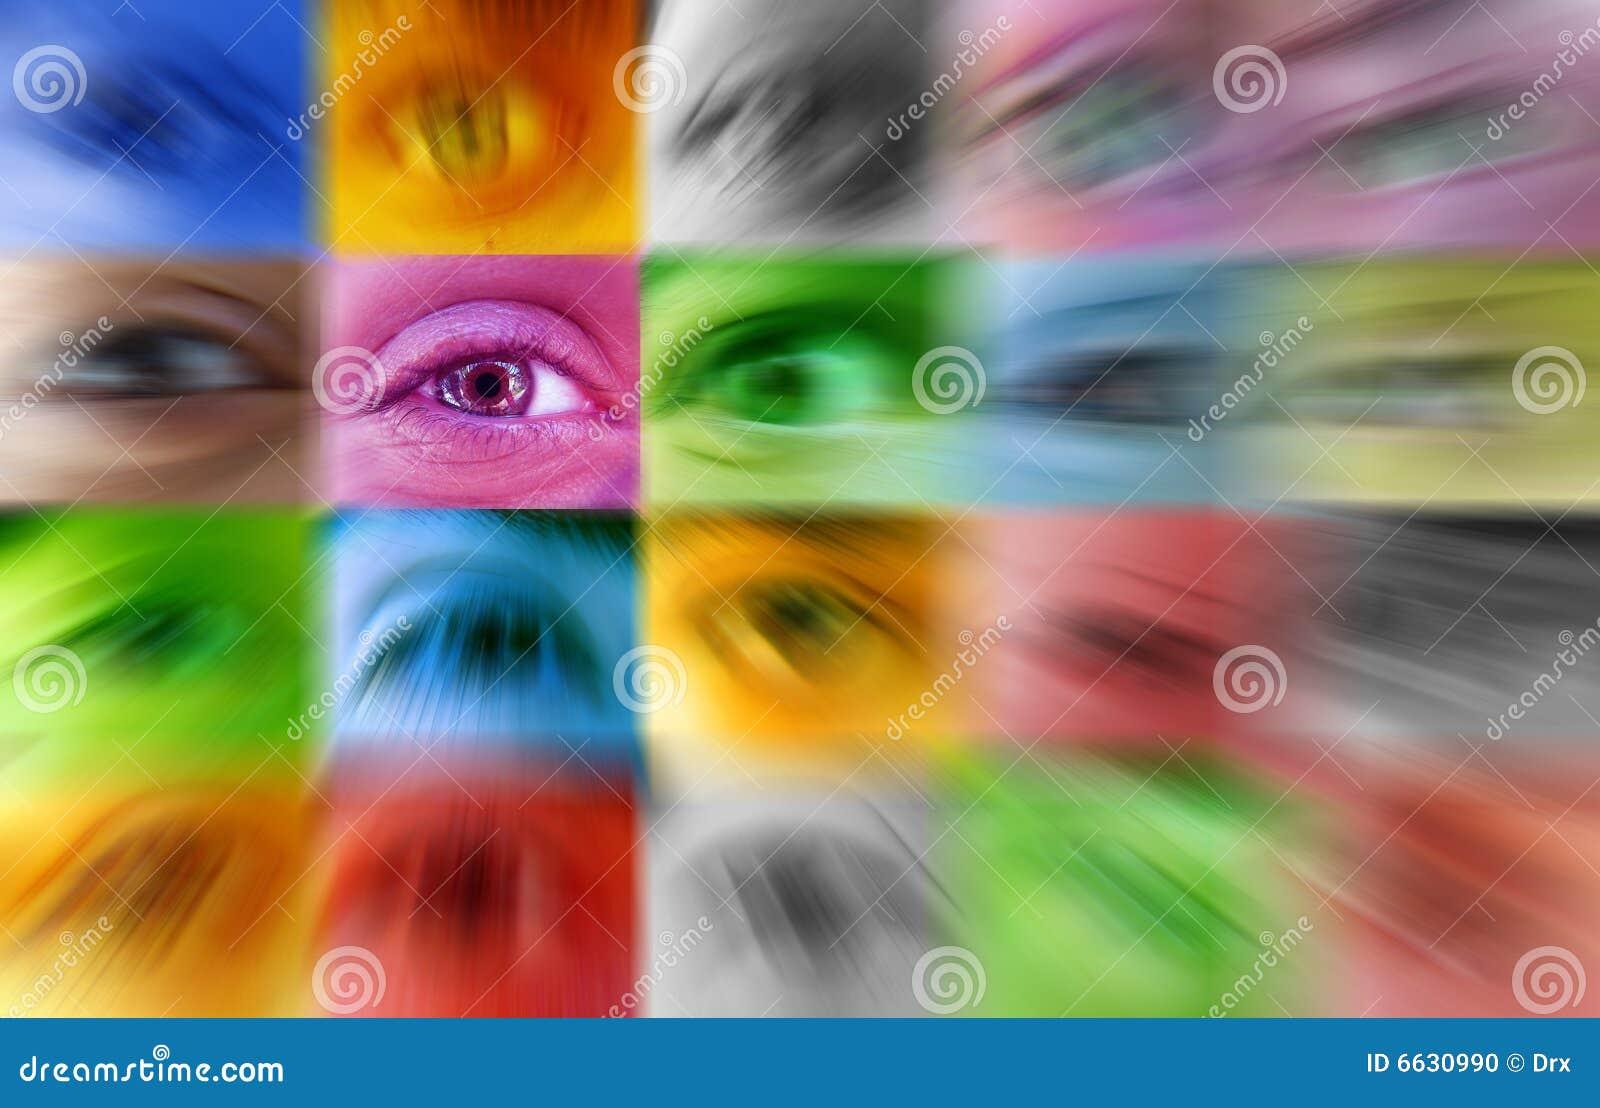 ανθρώπινο άτομο ματιών